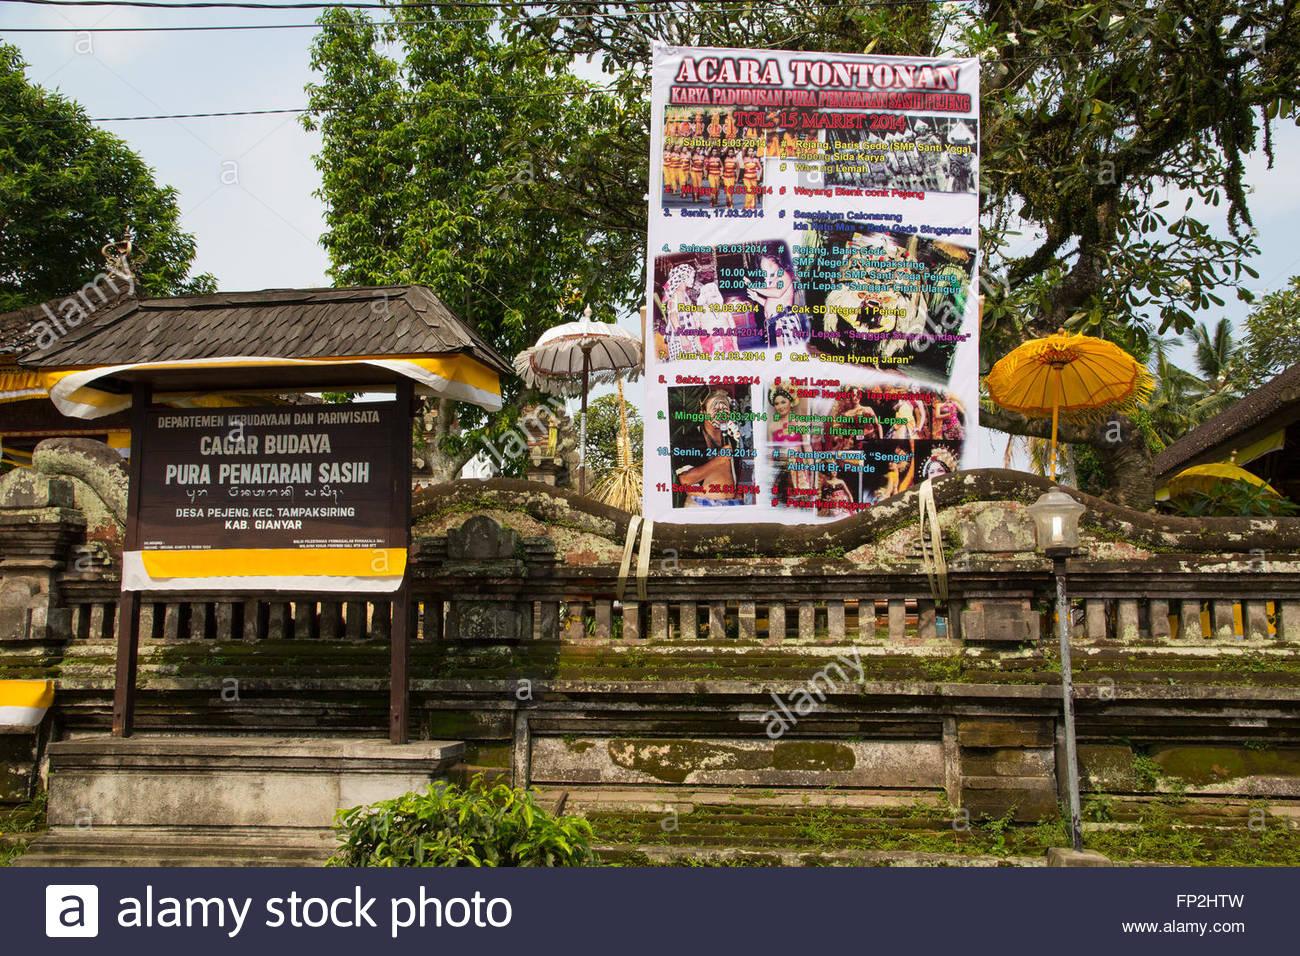 Bali Temple Stock Photos Images Alamy Pura Penataran Sasih Image